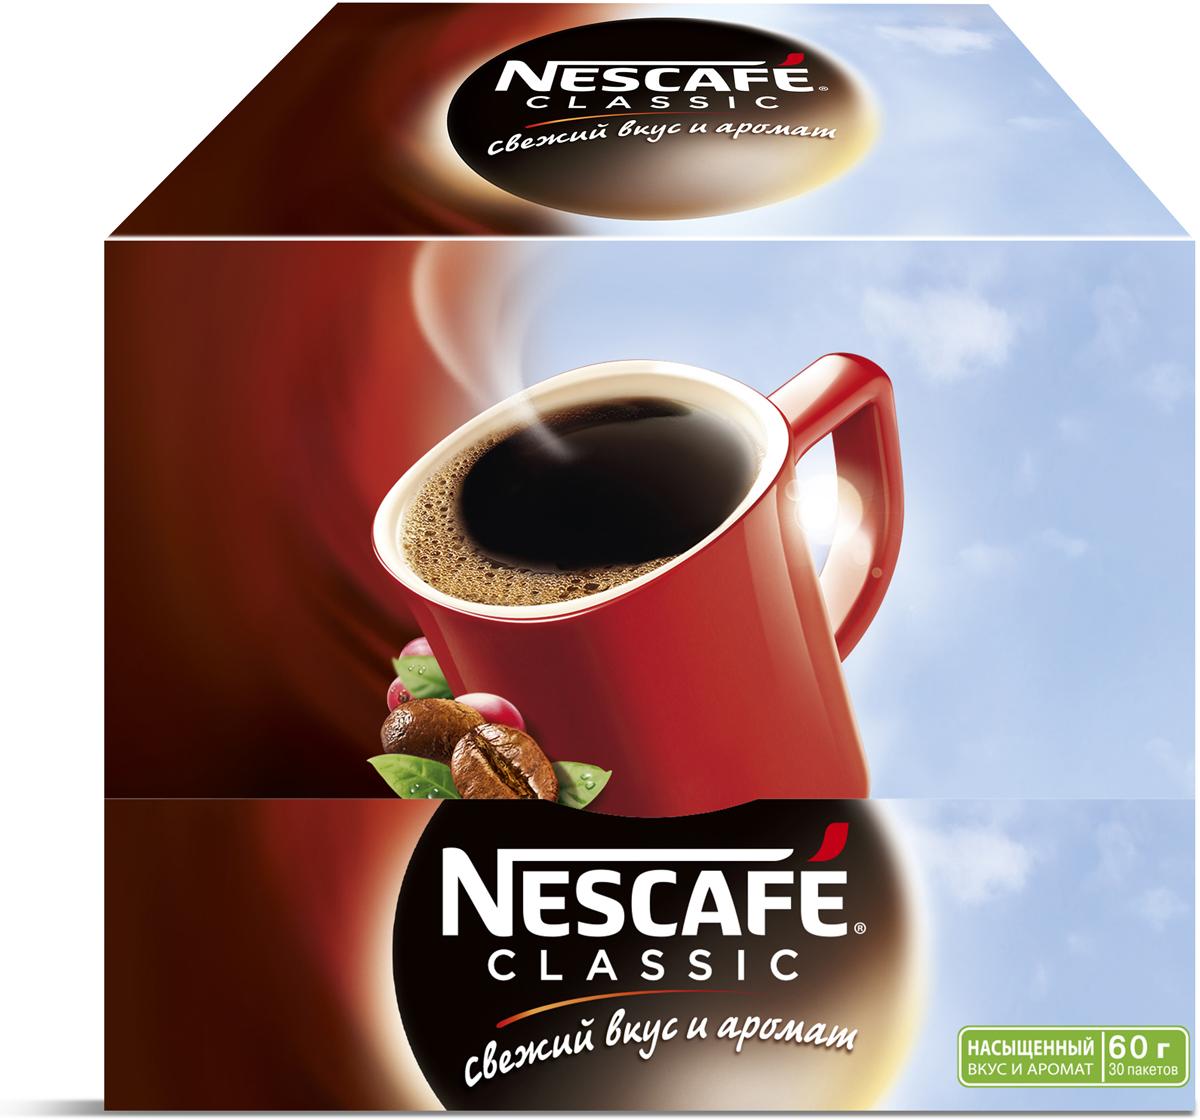 Nescafe Classic кофе растворимый гранулированный, 30 пакетиков nescafe кофе nescafe gold растворимый 150г